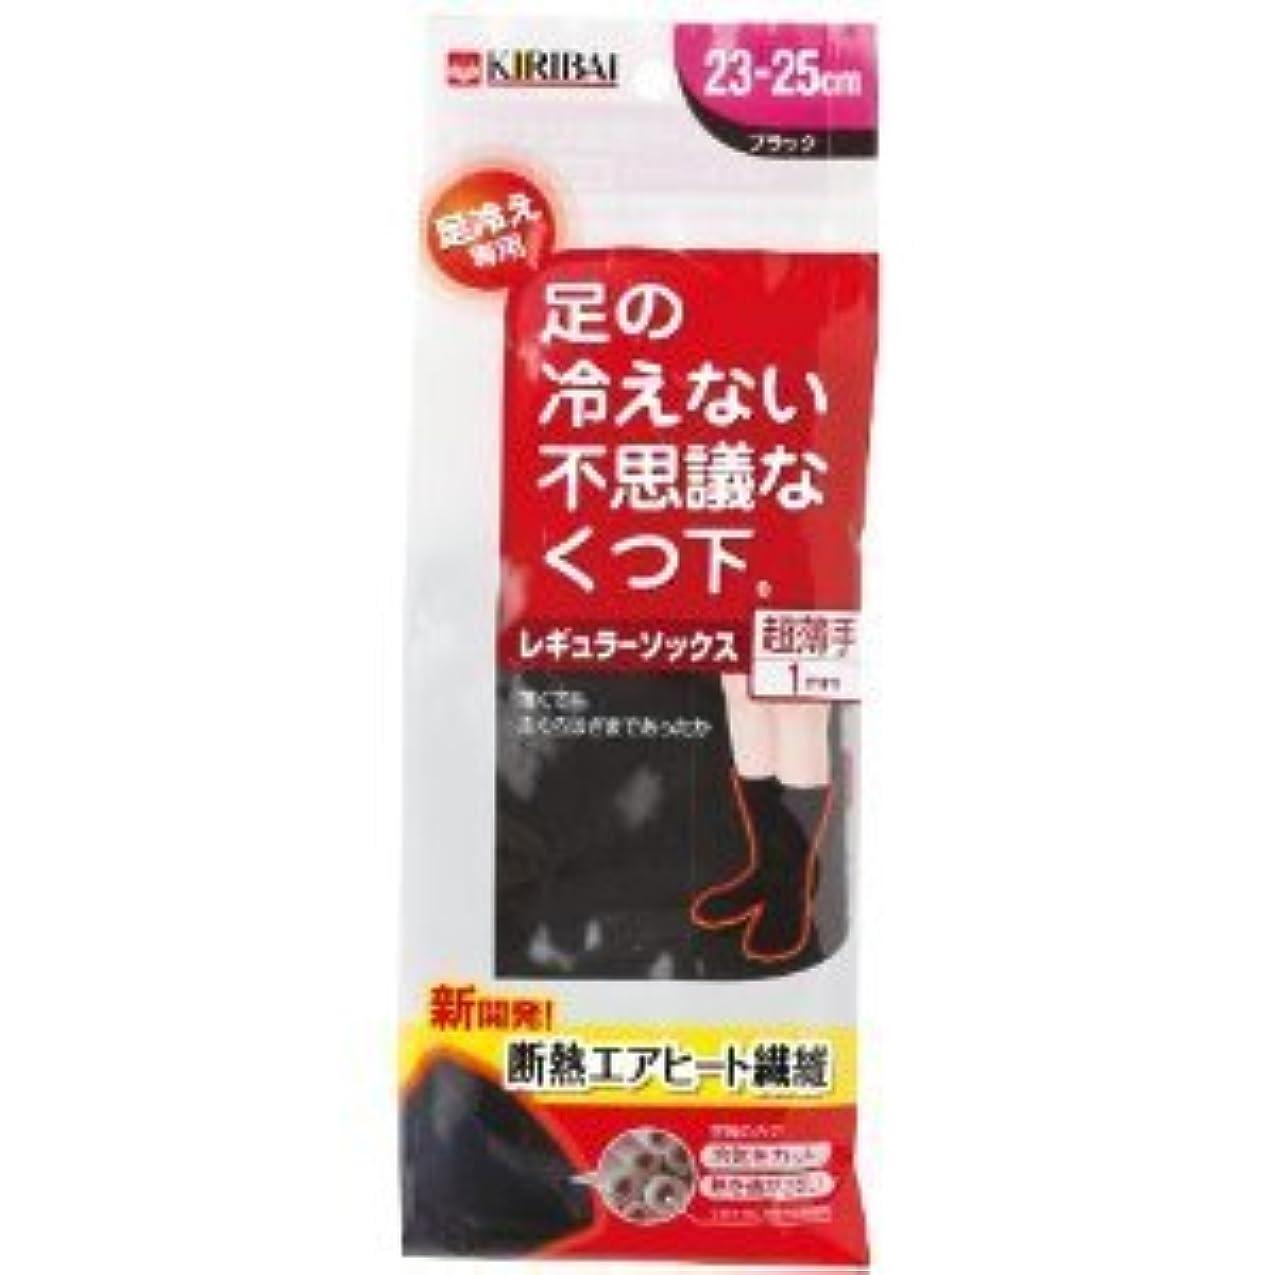 思いつくハイブリッドあいまいさ足の冷えない不思議なくつ下 レギュラーソックス 超薄手 ブラック 23-25cm×2個